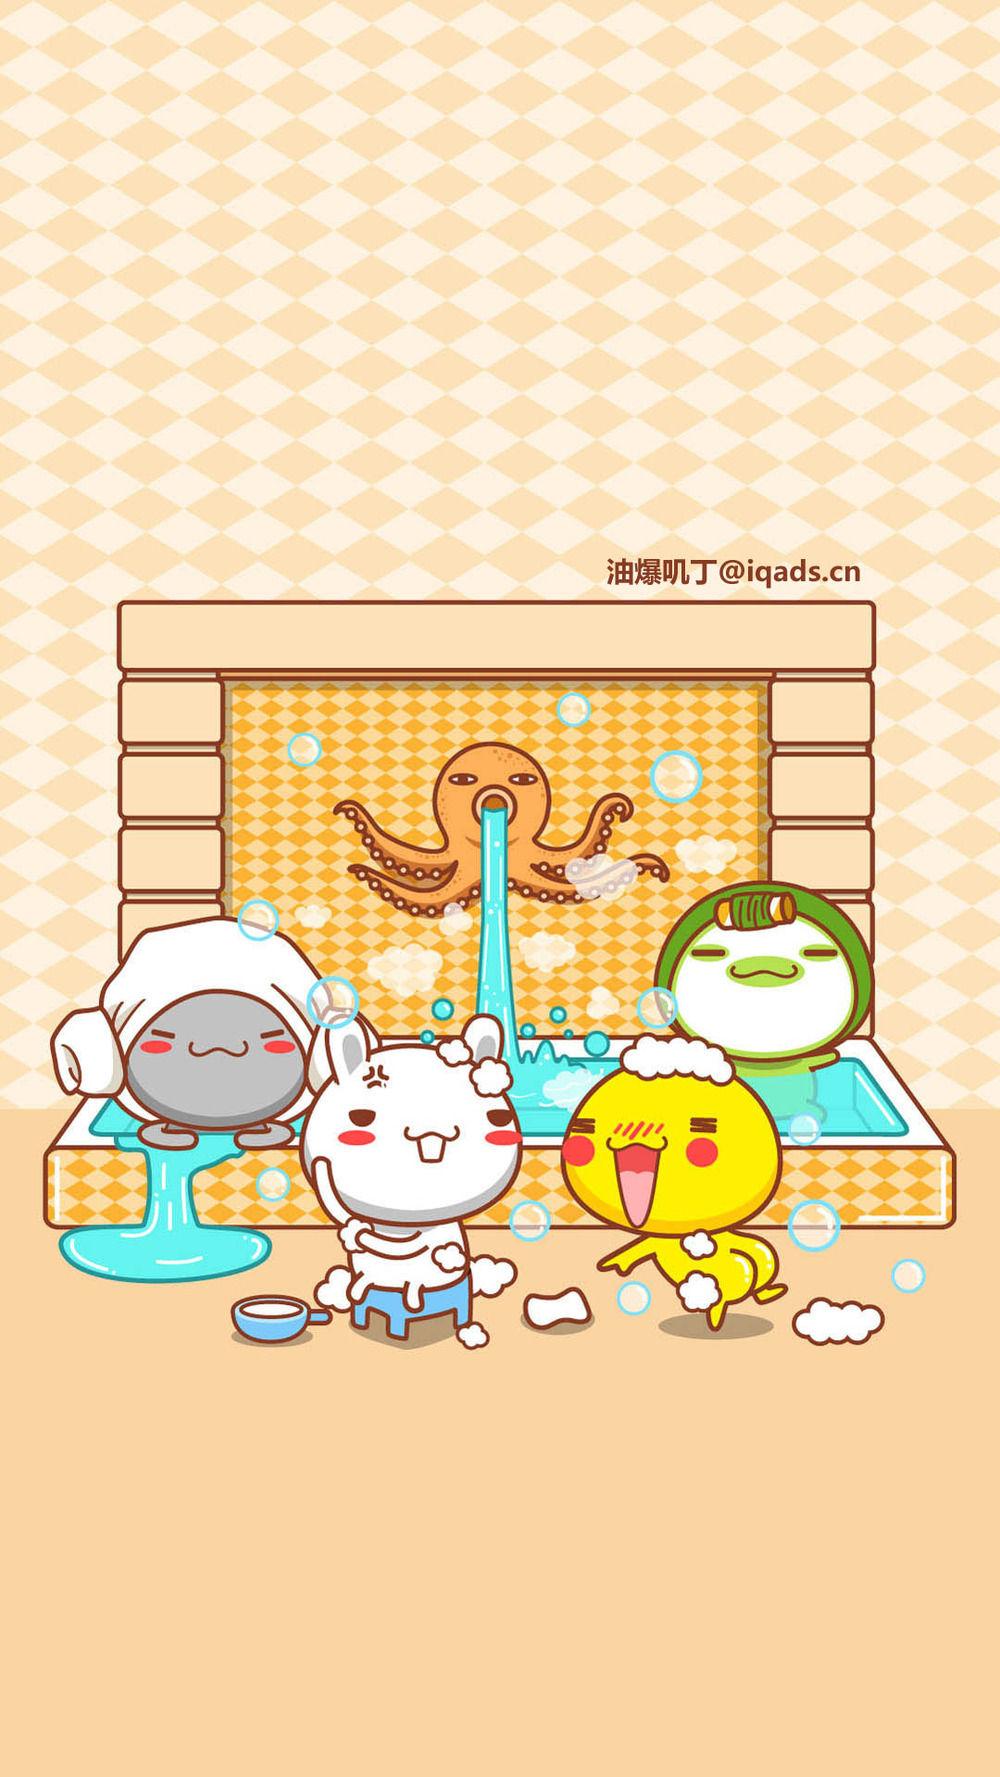 澡堂-1080x1920.jpg